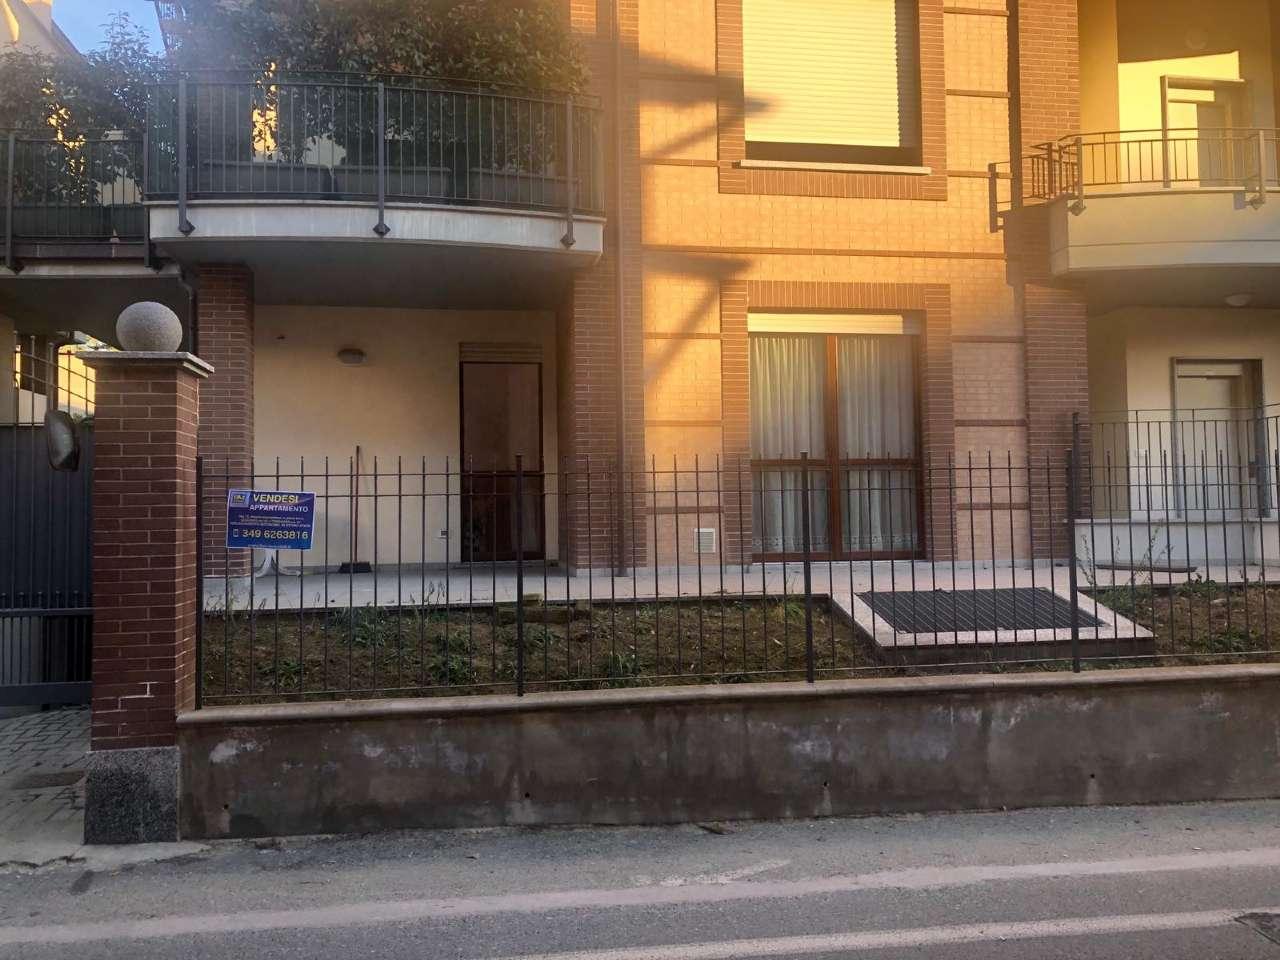 Immagine immobiliare delizioso appartamento di circa 75mq, a piano terra, con terrazzo di 35 mq e giardino di 80 mq a rivoli (cascine vica), in via orsiera 2, in piccolo signorile complesso residenziale del 2***: delizioso appartamento di circa 75mq, a piano...